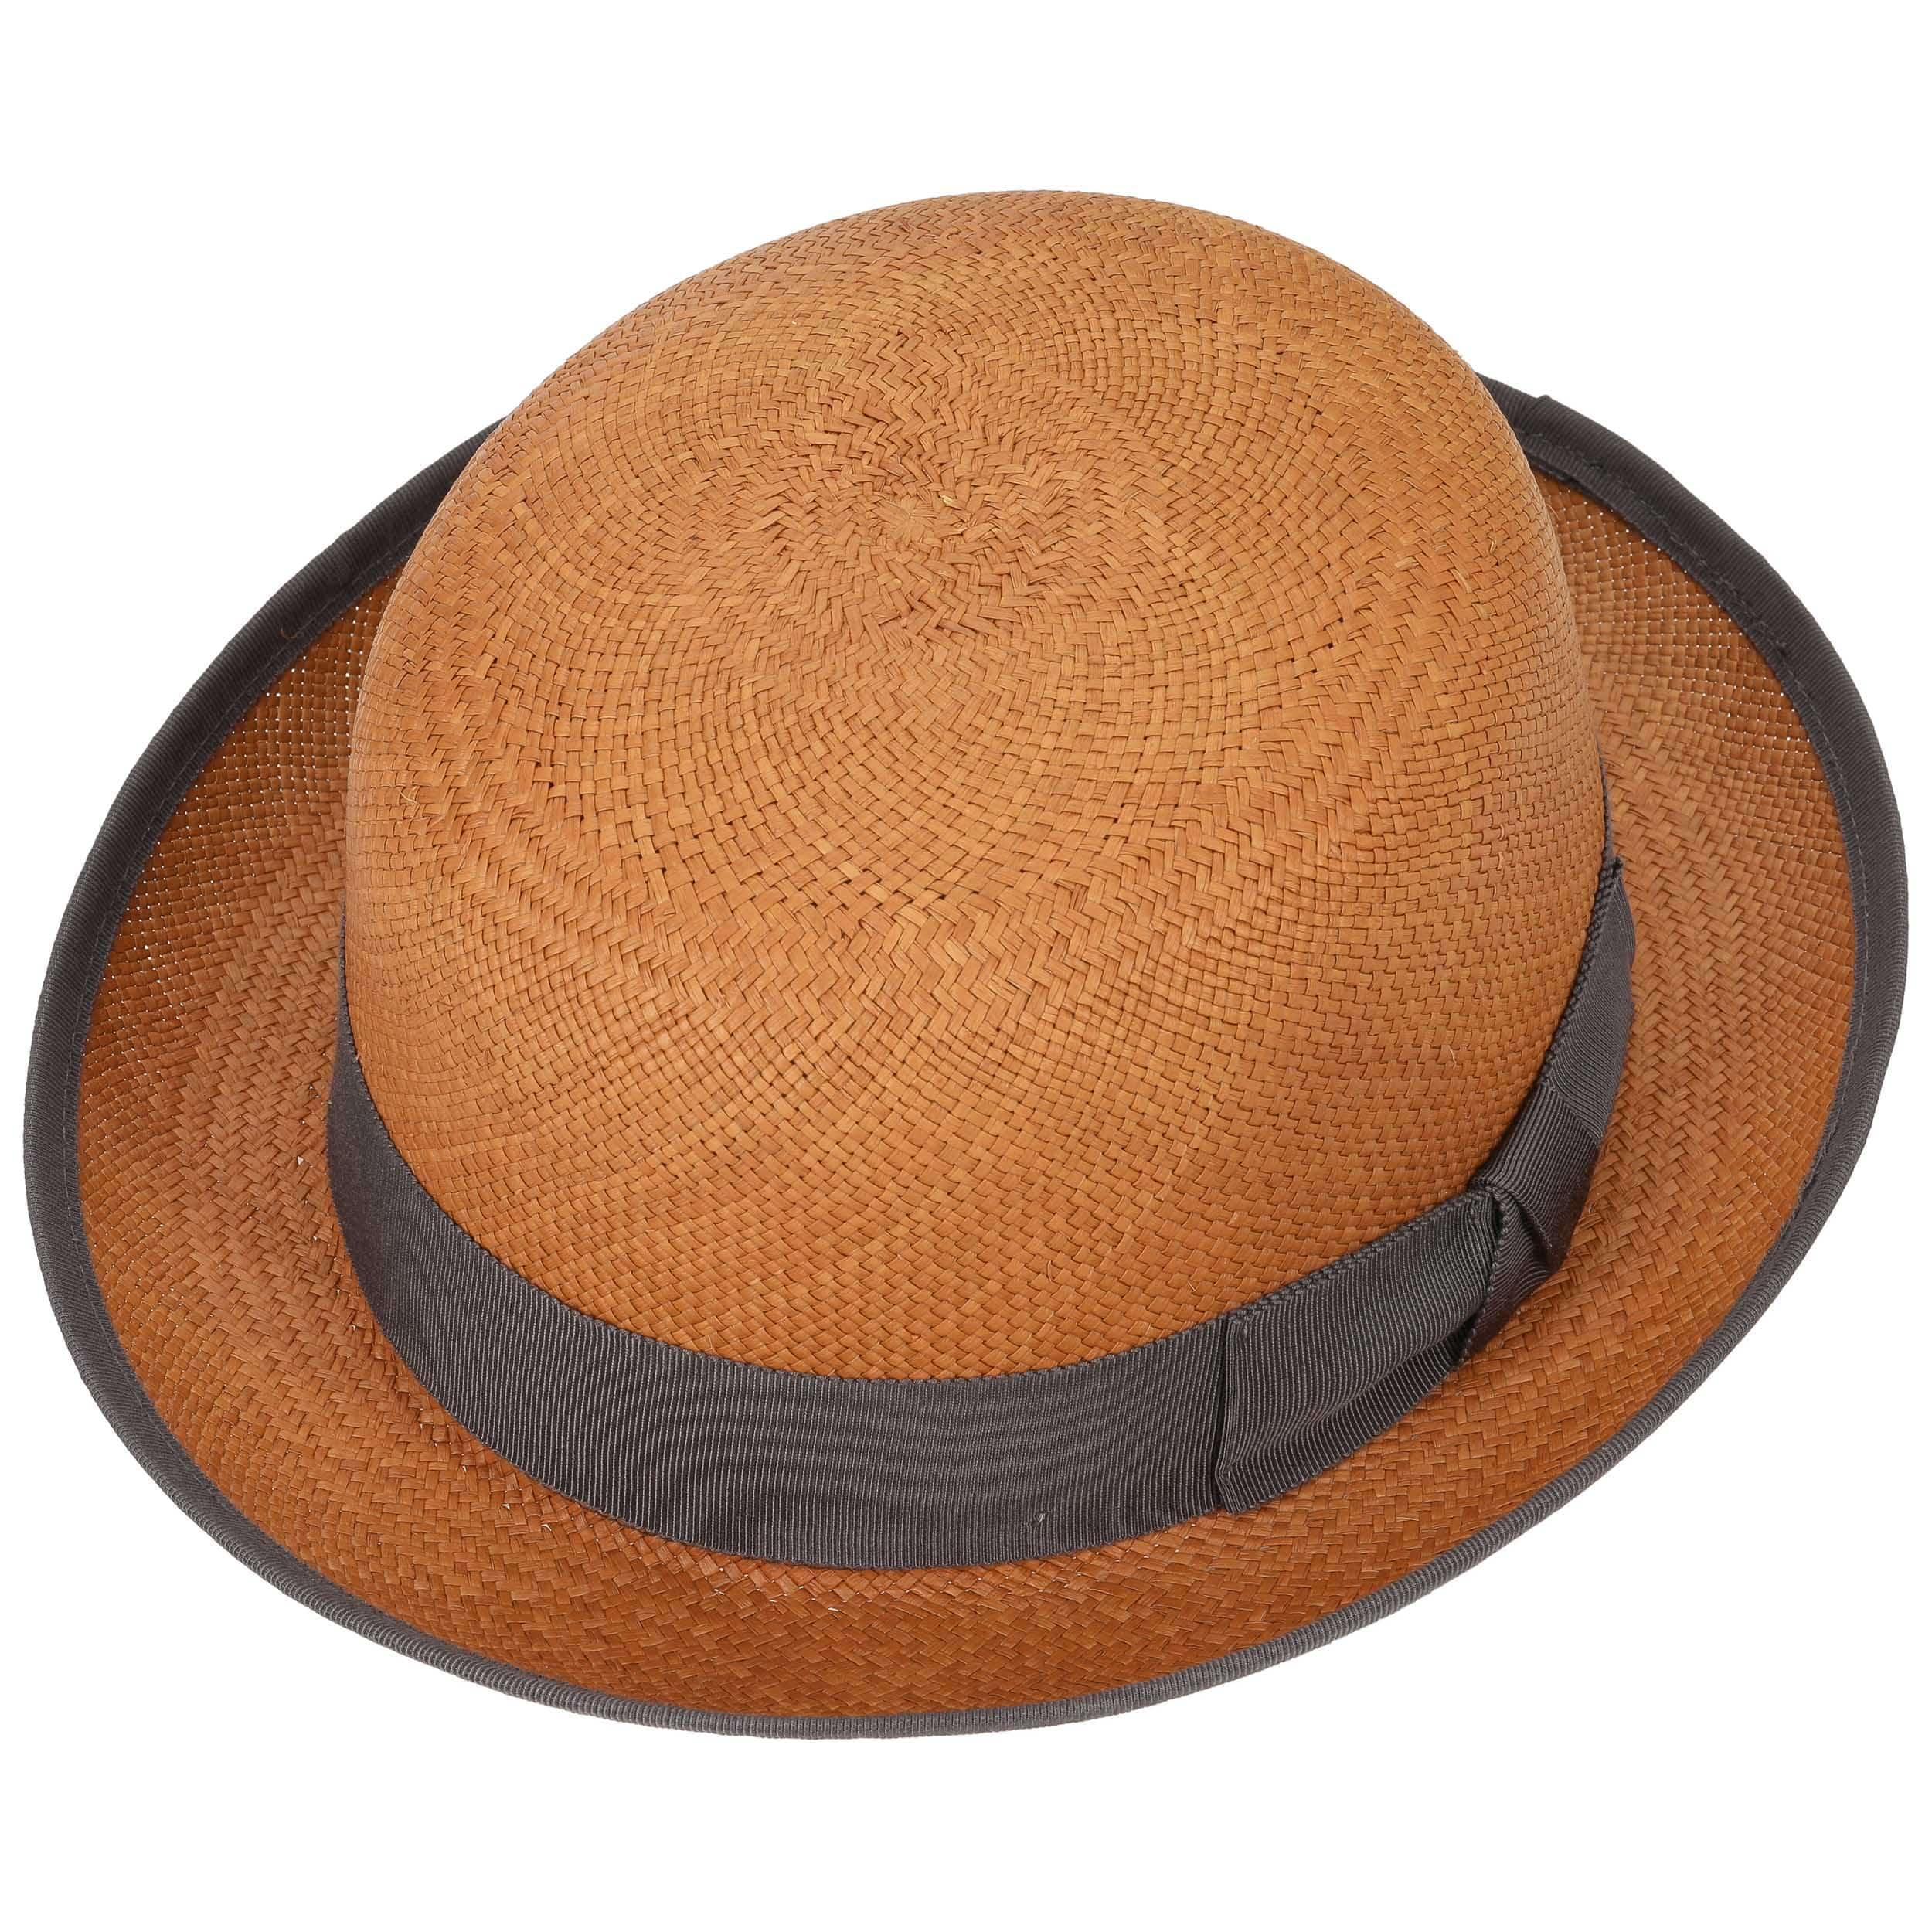 cb0dfad2c0f84 Sombrero Chaplin by Bailey of Hollywood - Sombreros - sombreroshop.es